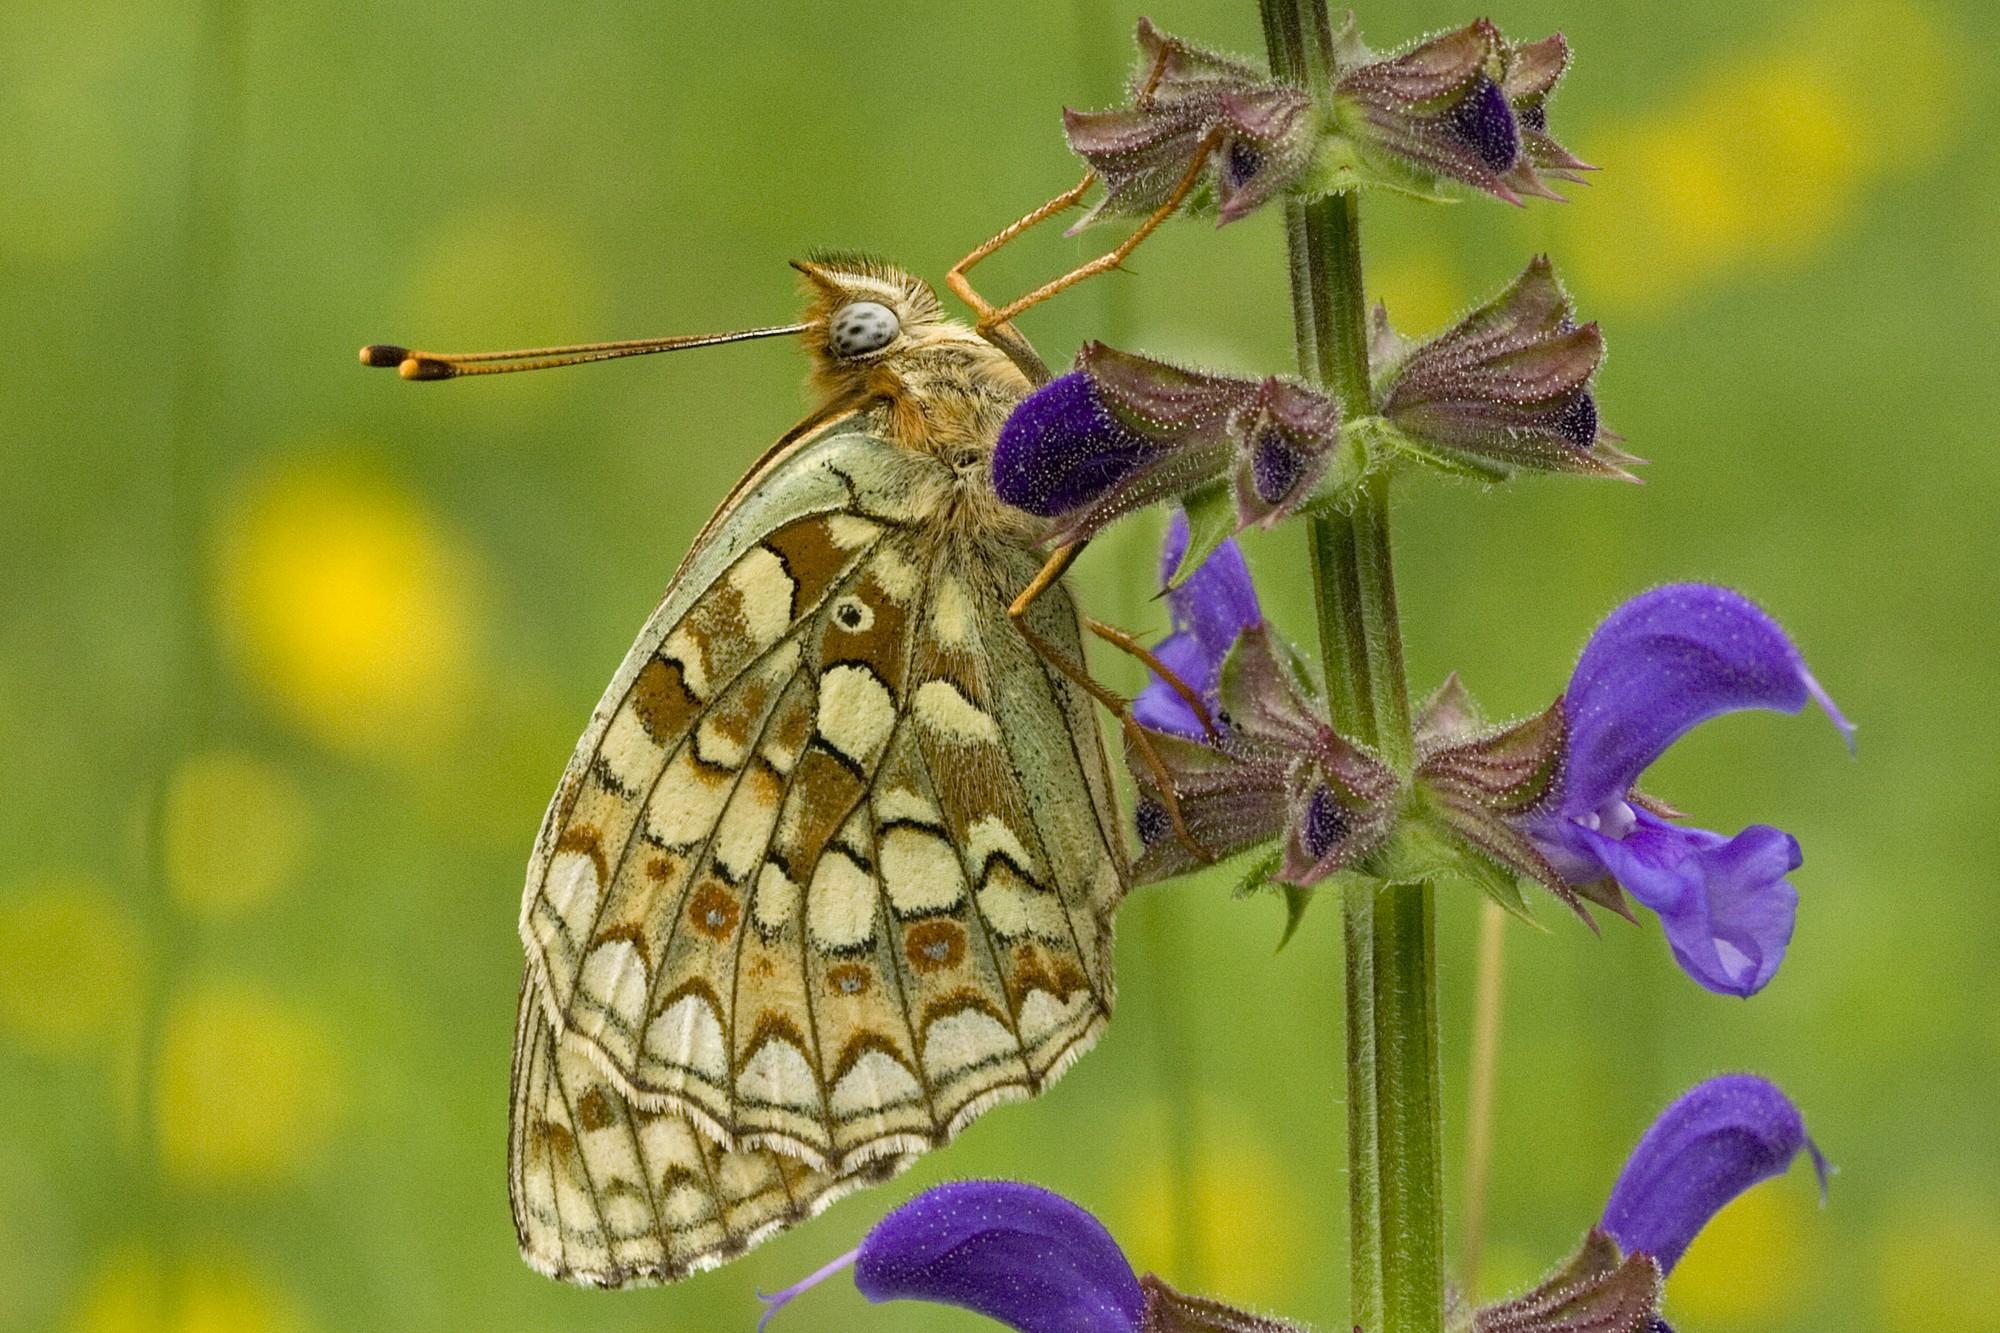 Zwitserland - Engadin - vlinderreis